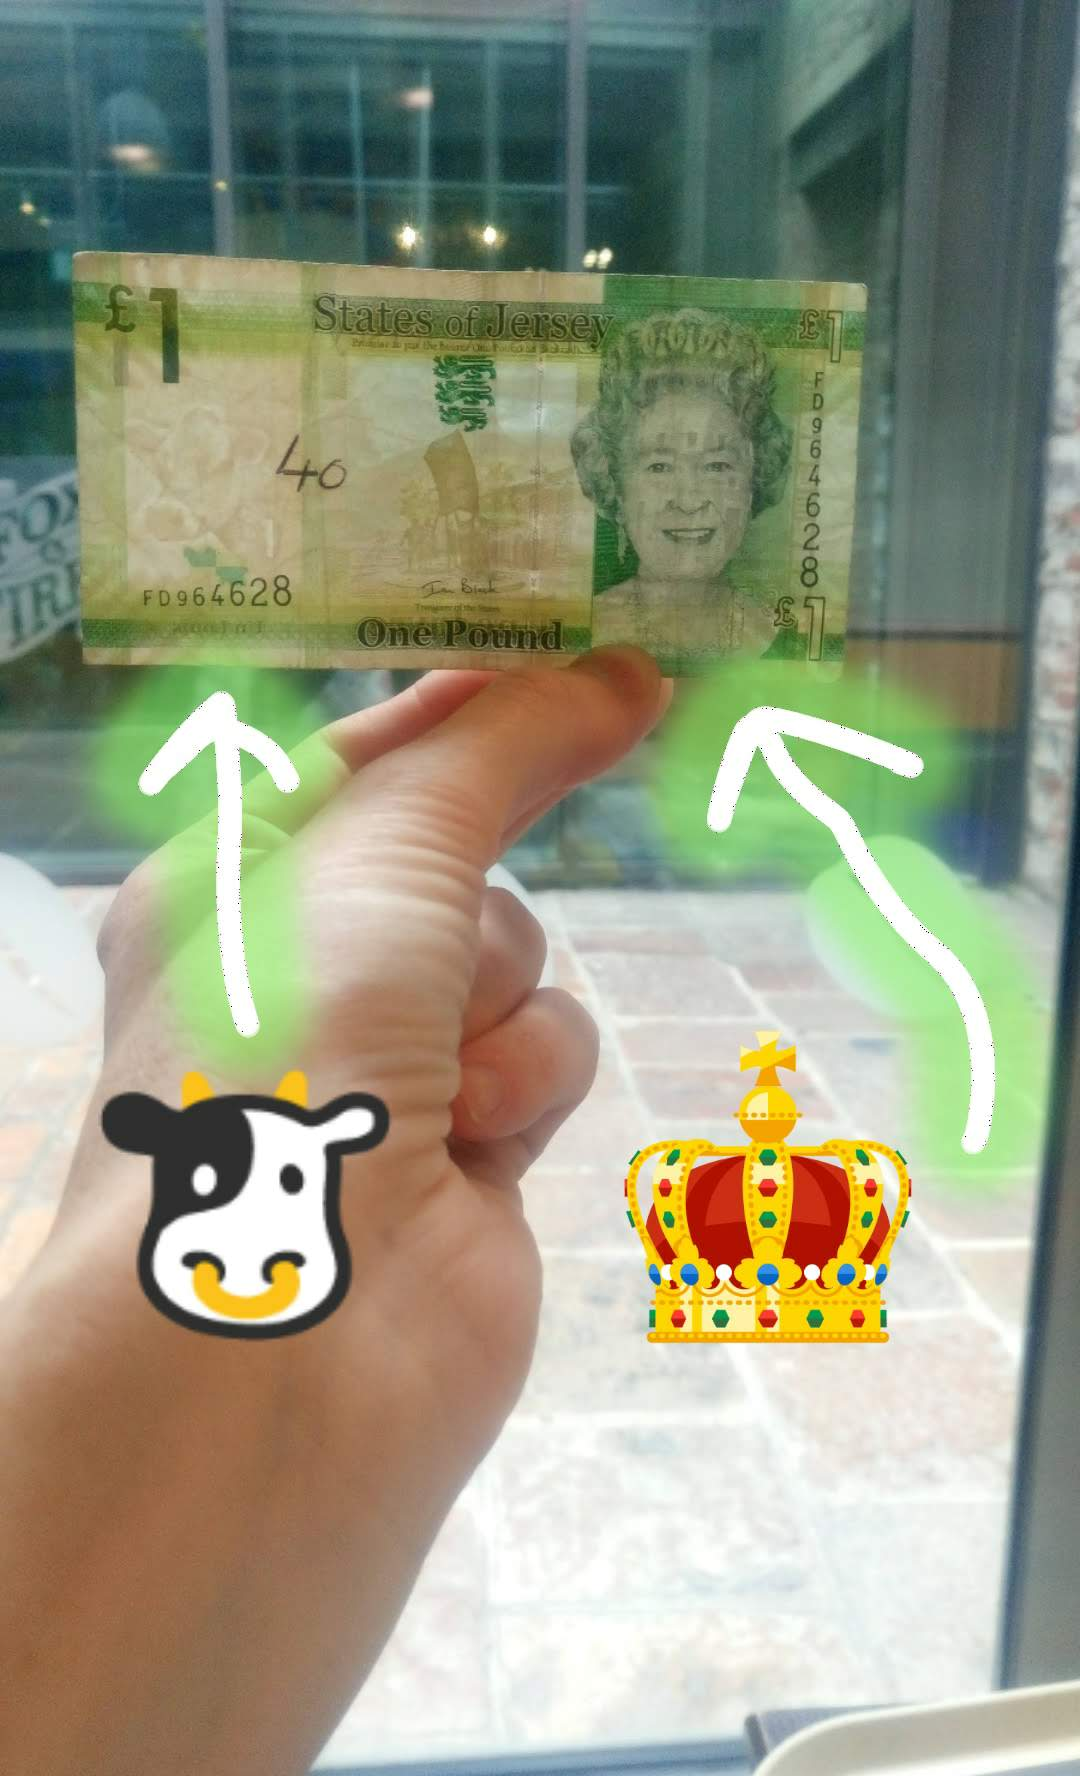 La banconota da £1 di Jersey